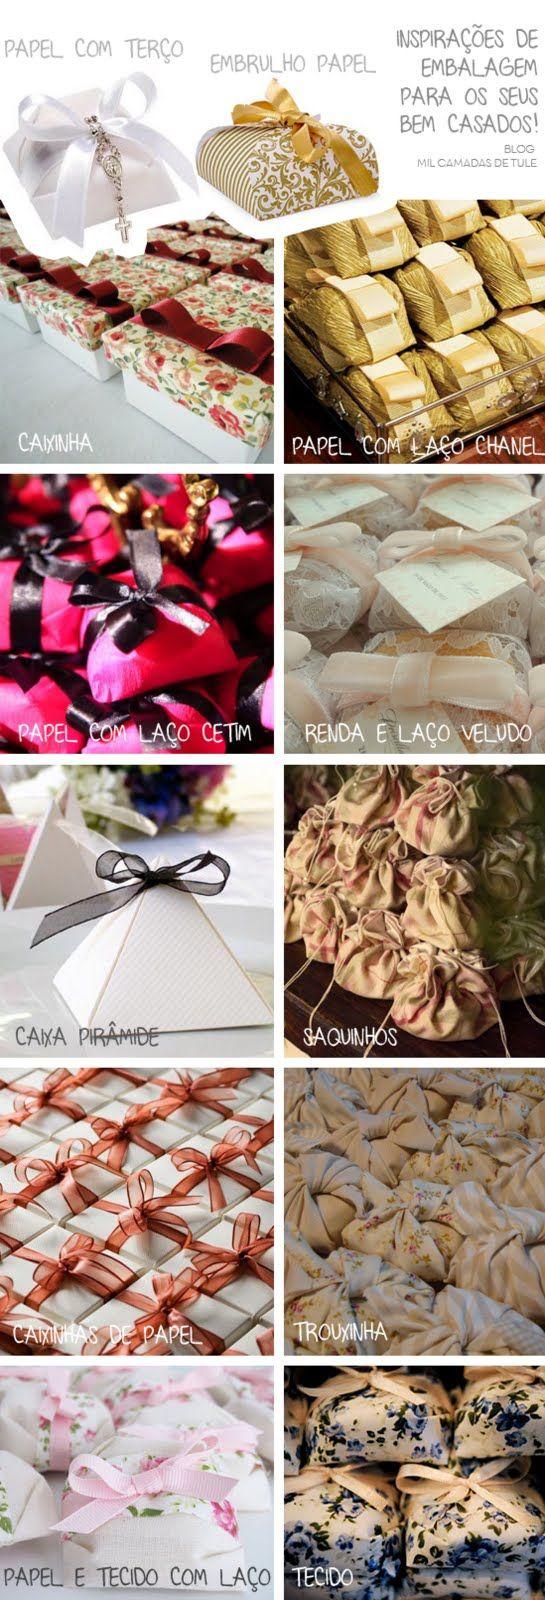 Mil Camadas de Tule | Blog de casamento, viagens, beleza: Como embrulhar seus Bem-Casados - Muitas Ideias!